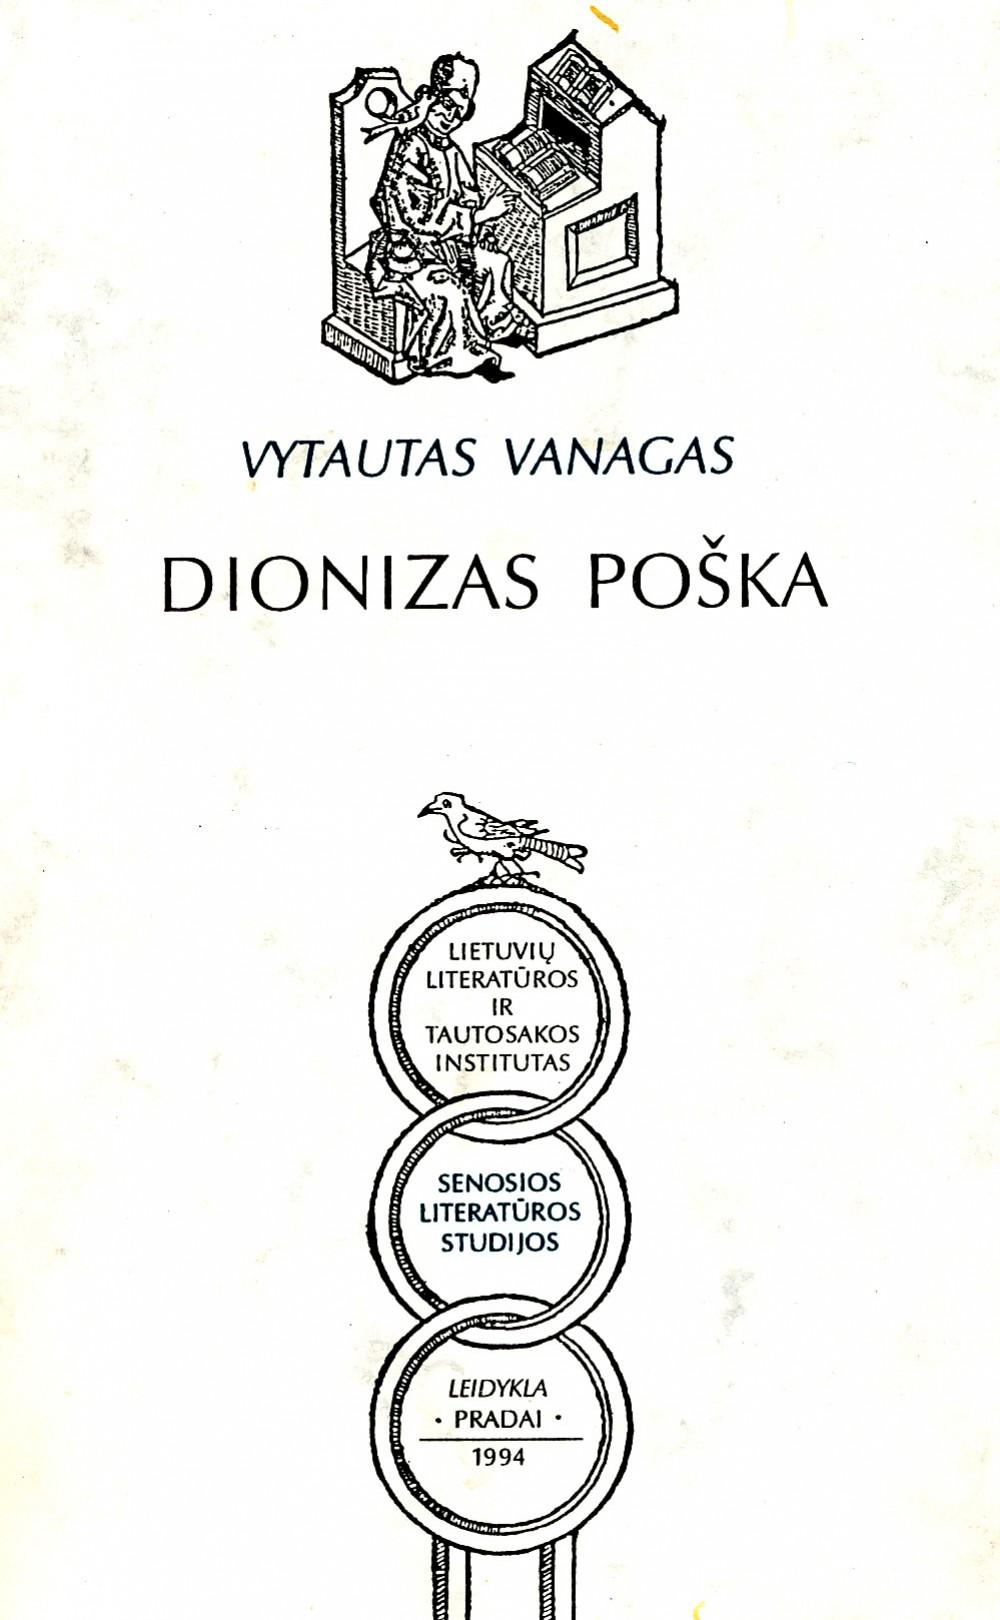 Monografija apie D. Pošką